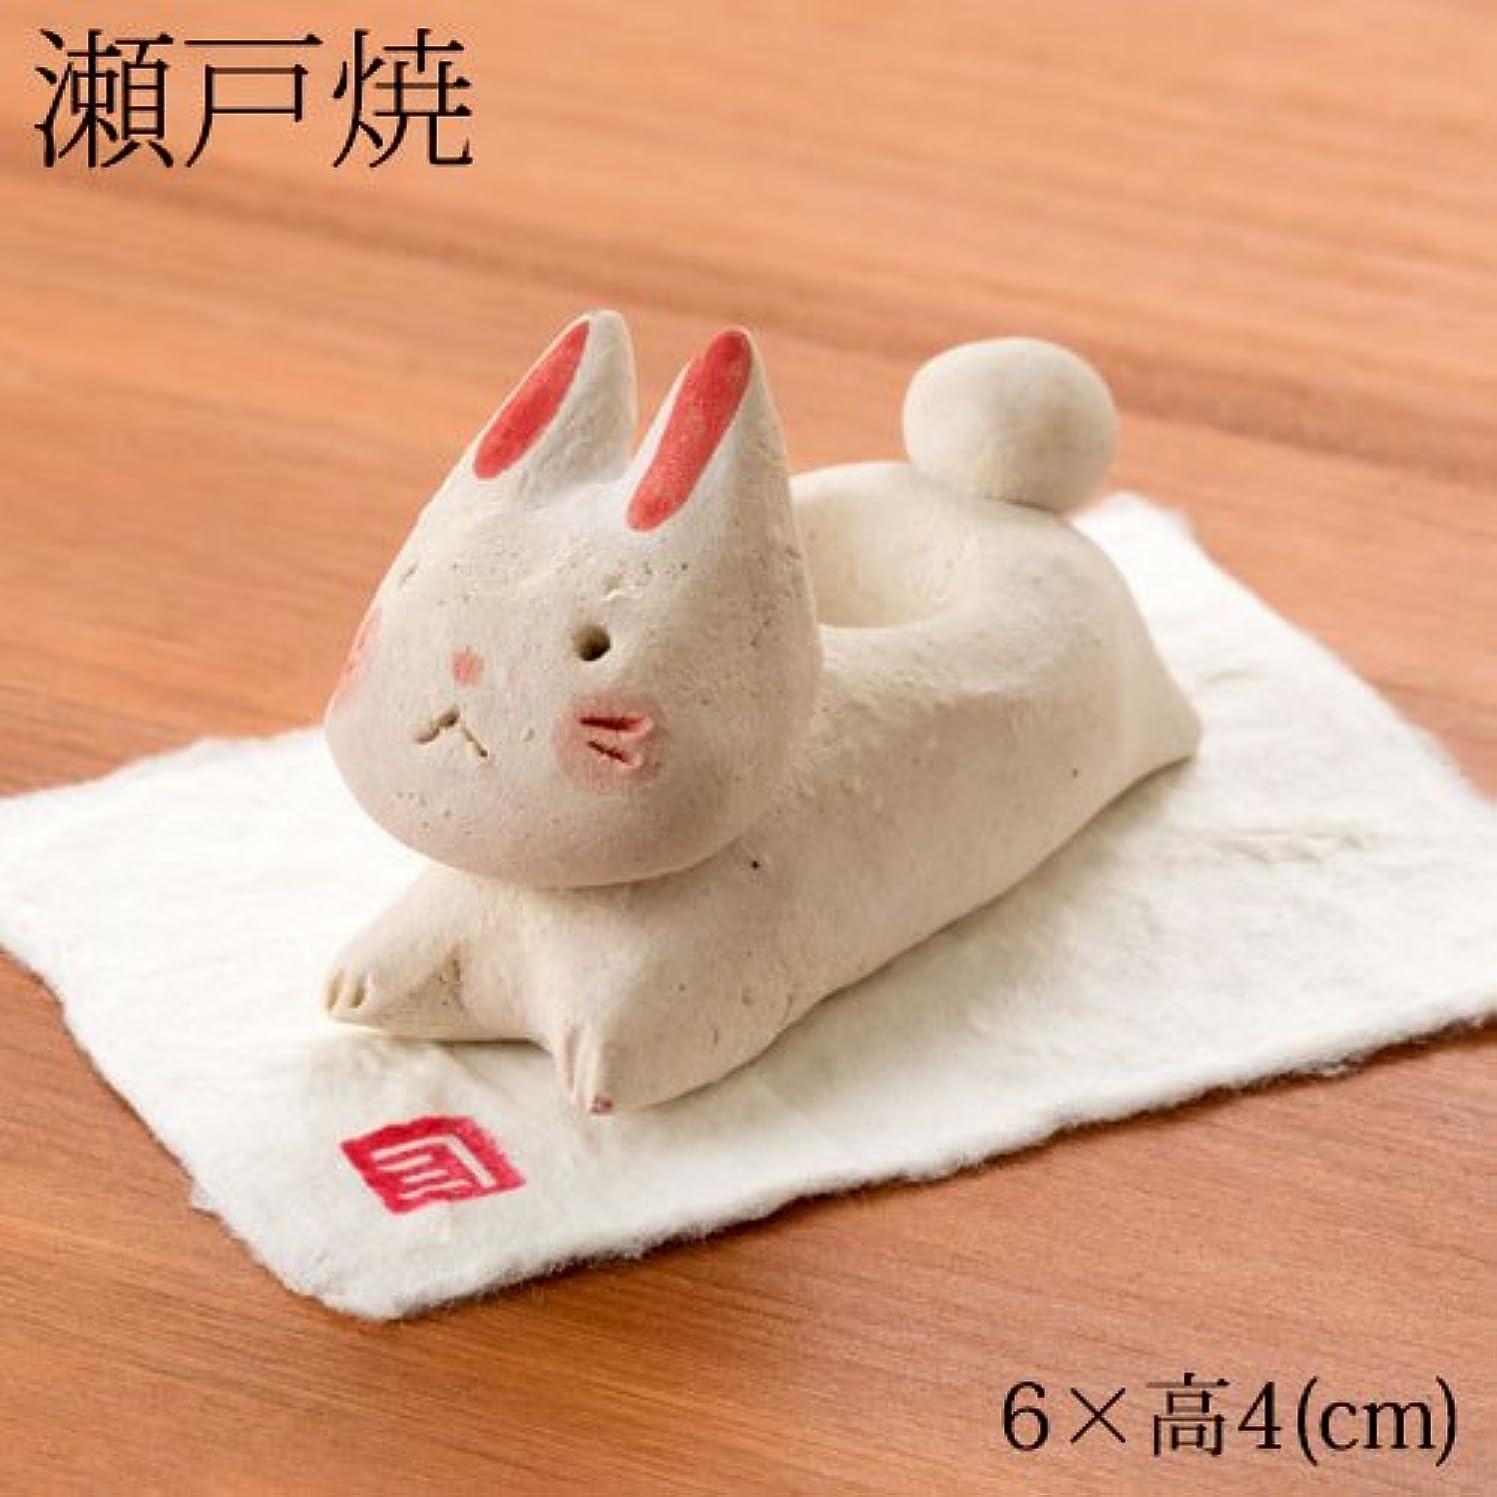 誘発する本当のことを言うと不変瀬戸焼兎アロマストーン (K6302)愛知県の工芸品Seto-yaki Aroma stone, Aichi craft